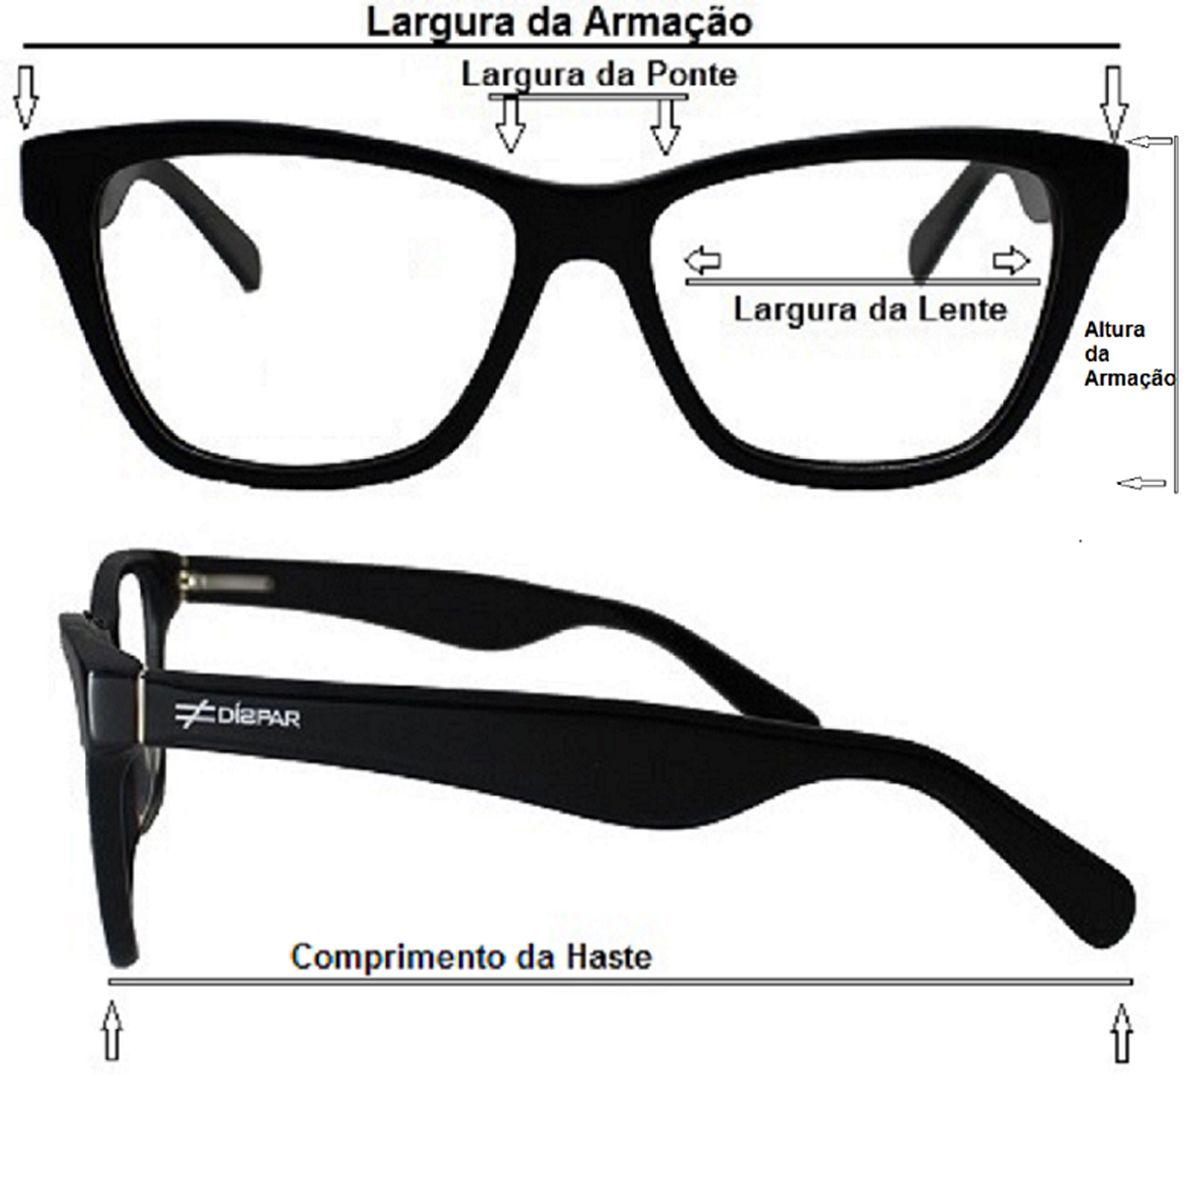 Armação para Óculos Díspar ID1956 infantil Idade 6 a 9 anos - Lilás